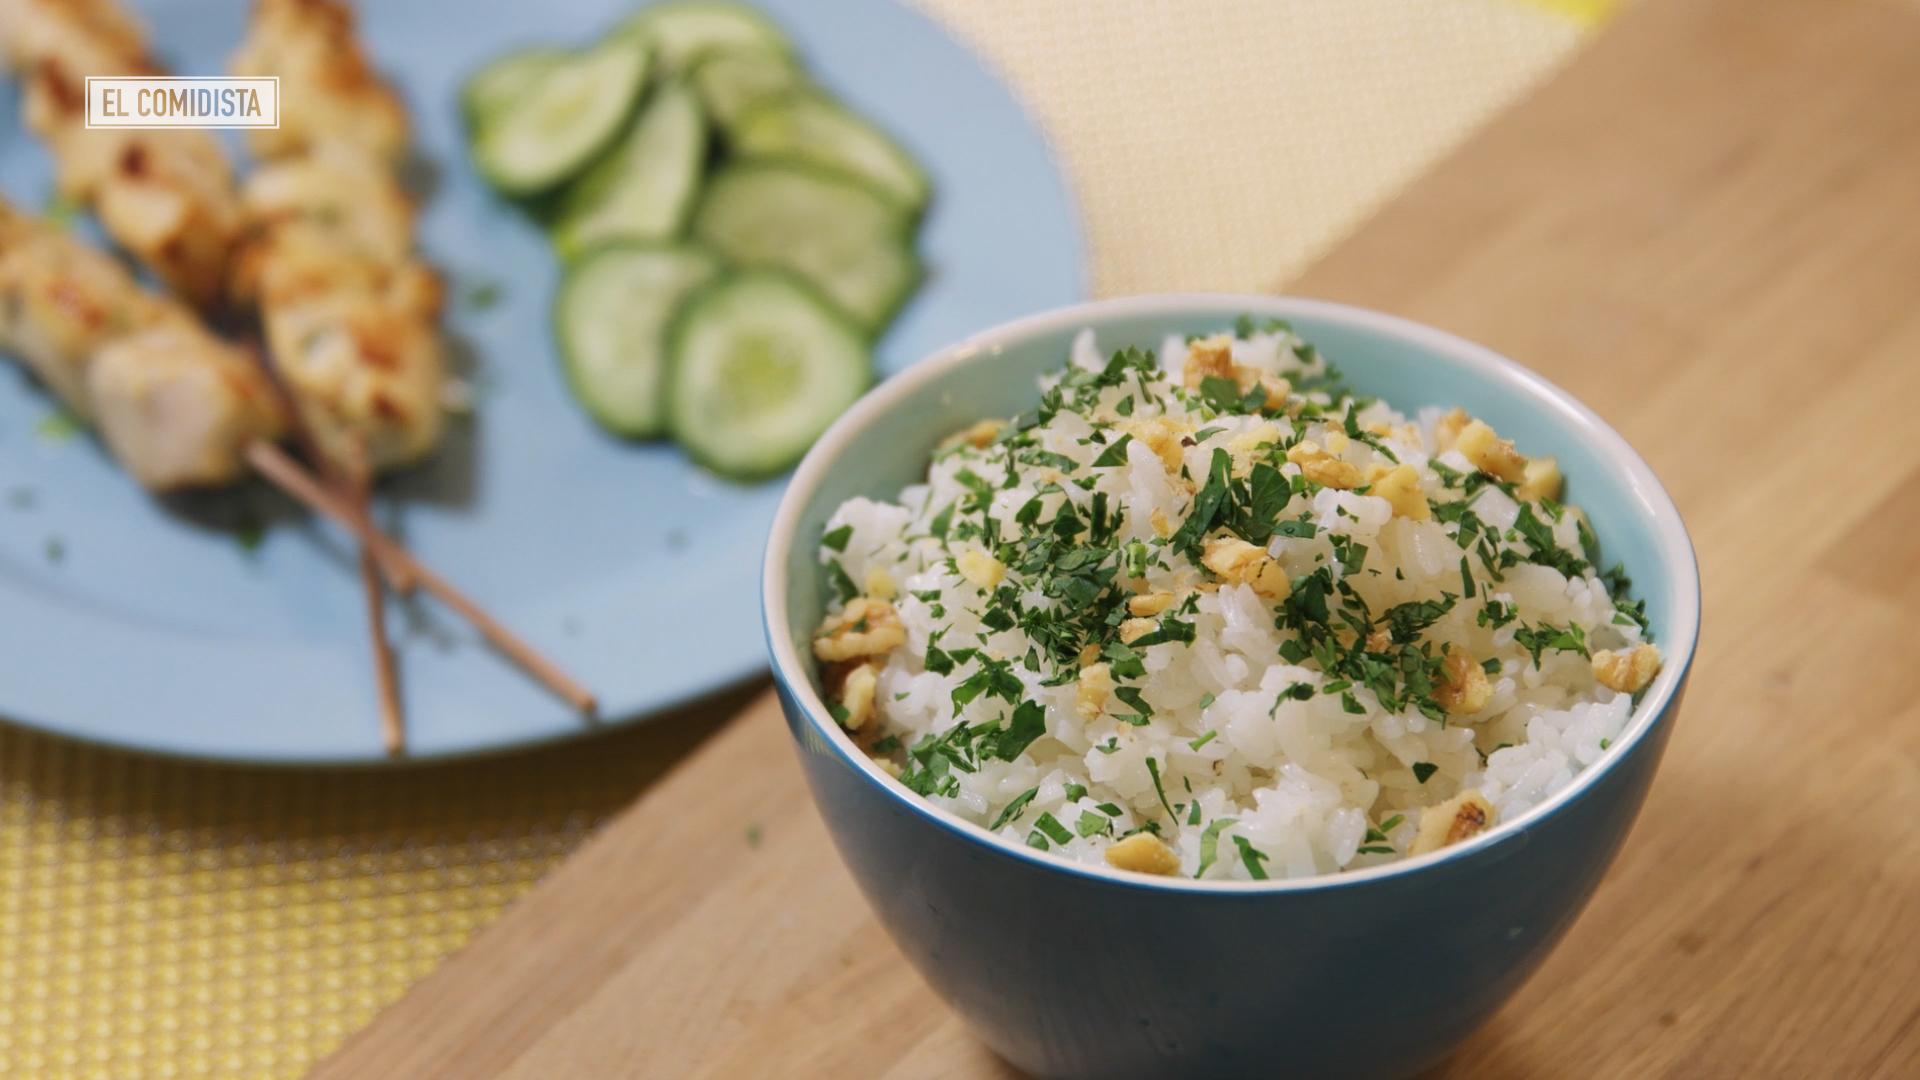 Cocina para lerdos: cómo hacer el arroz blanco perfecto